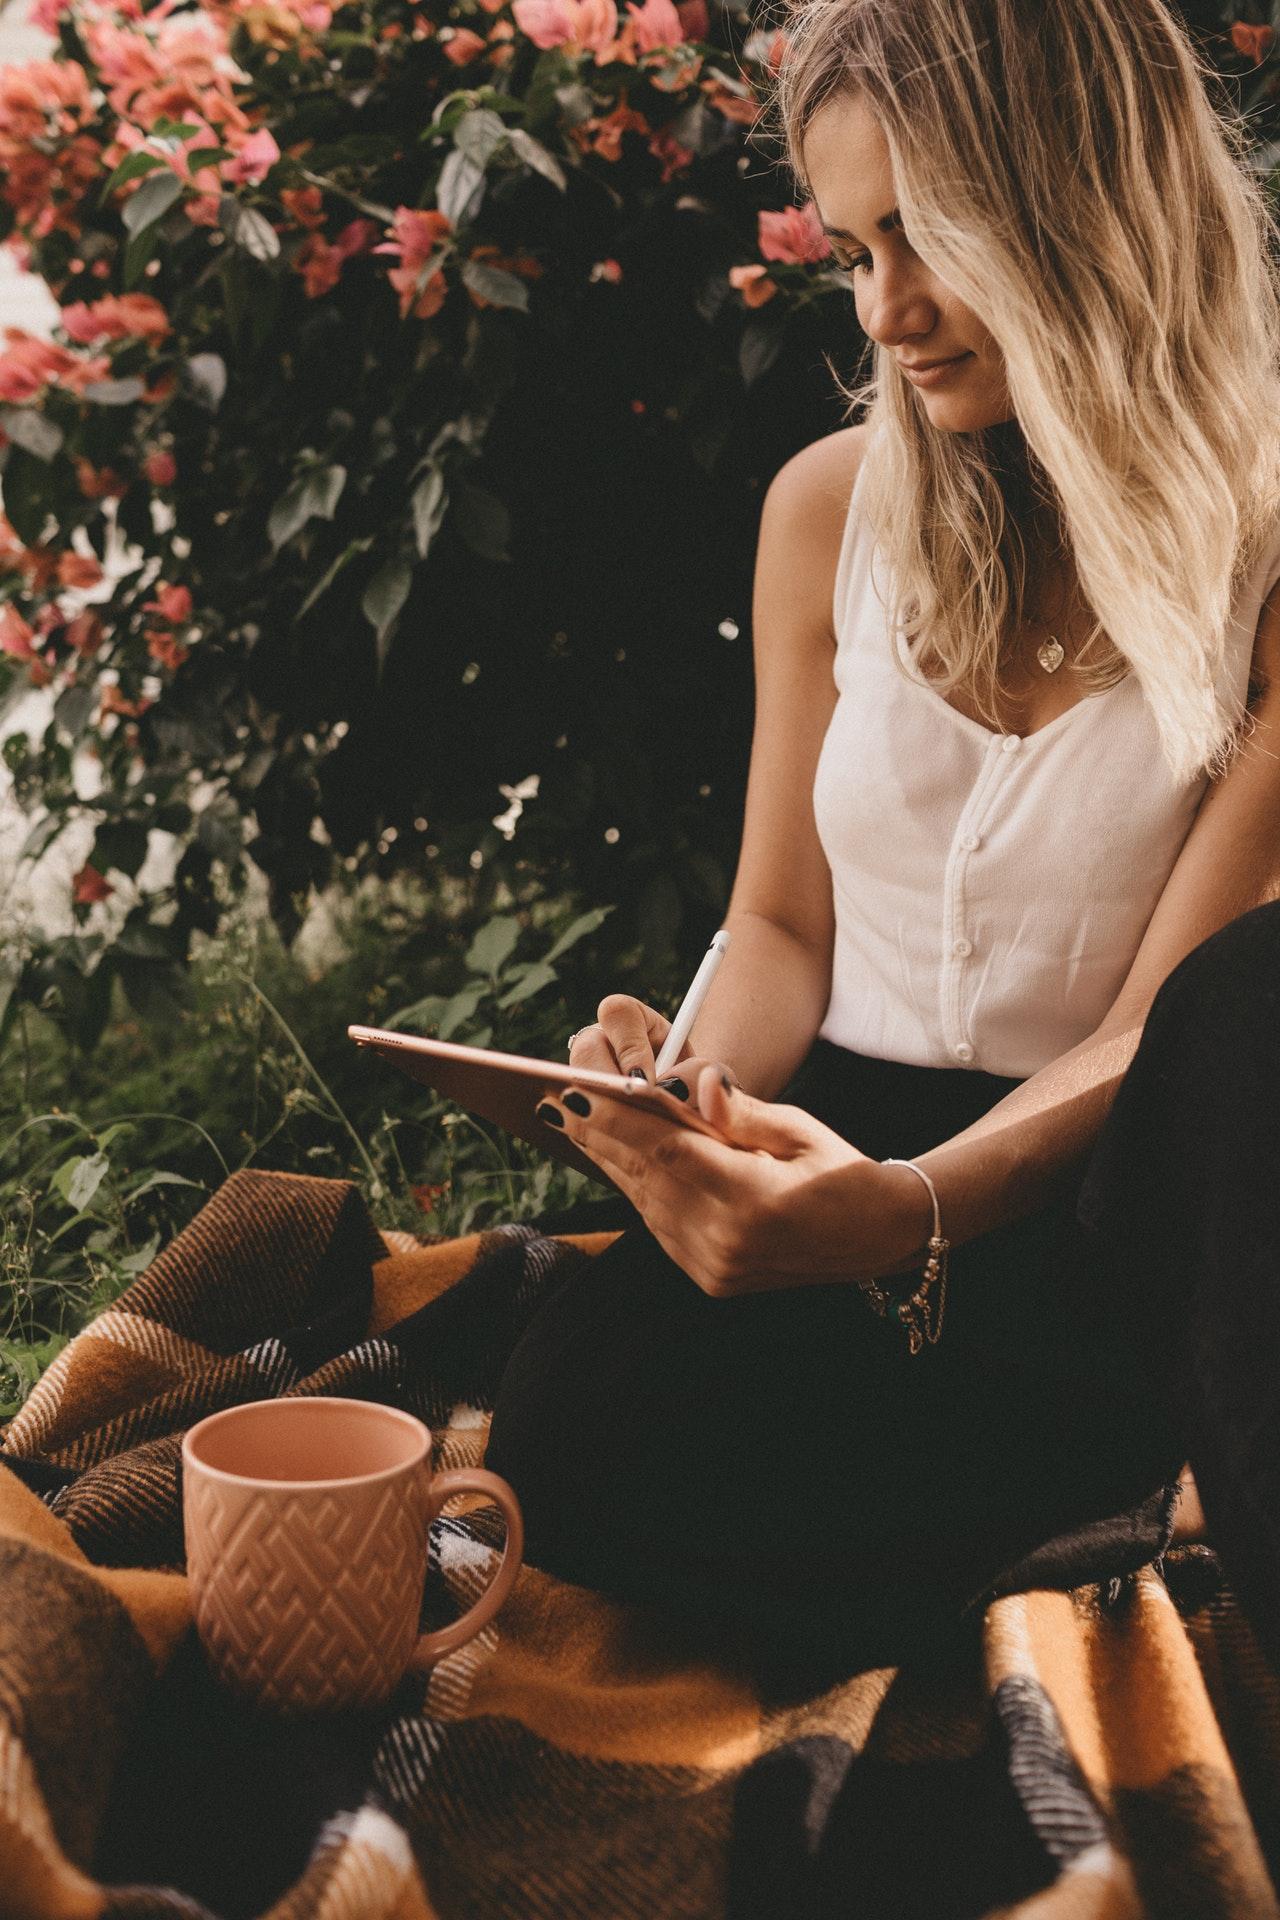 woman writing on iPad